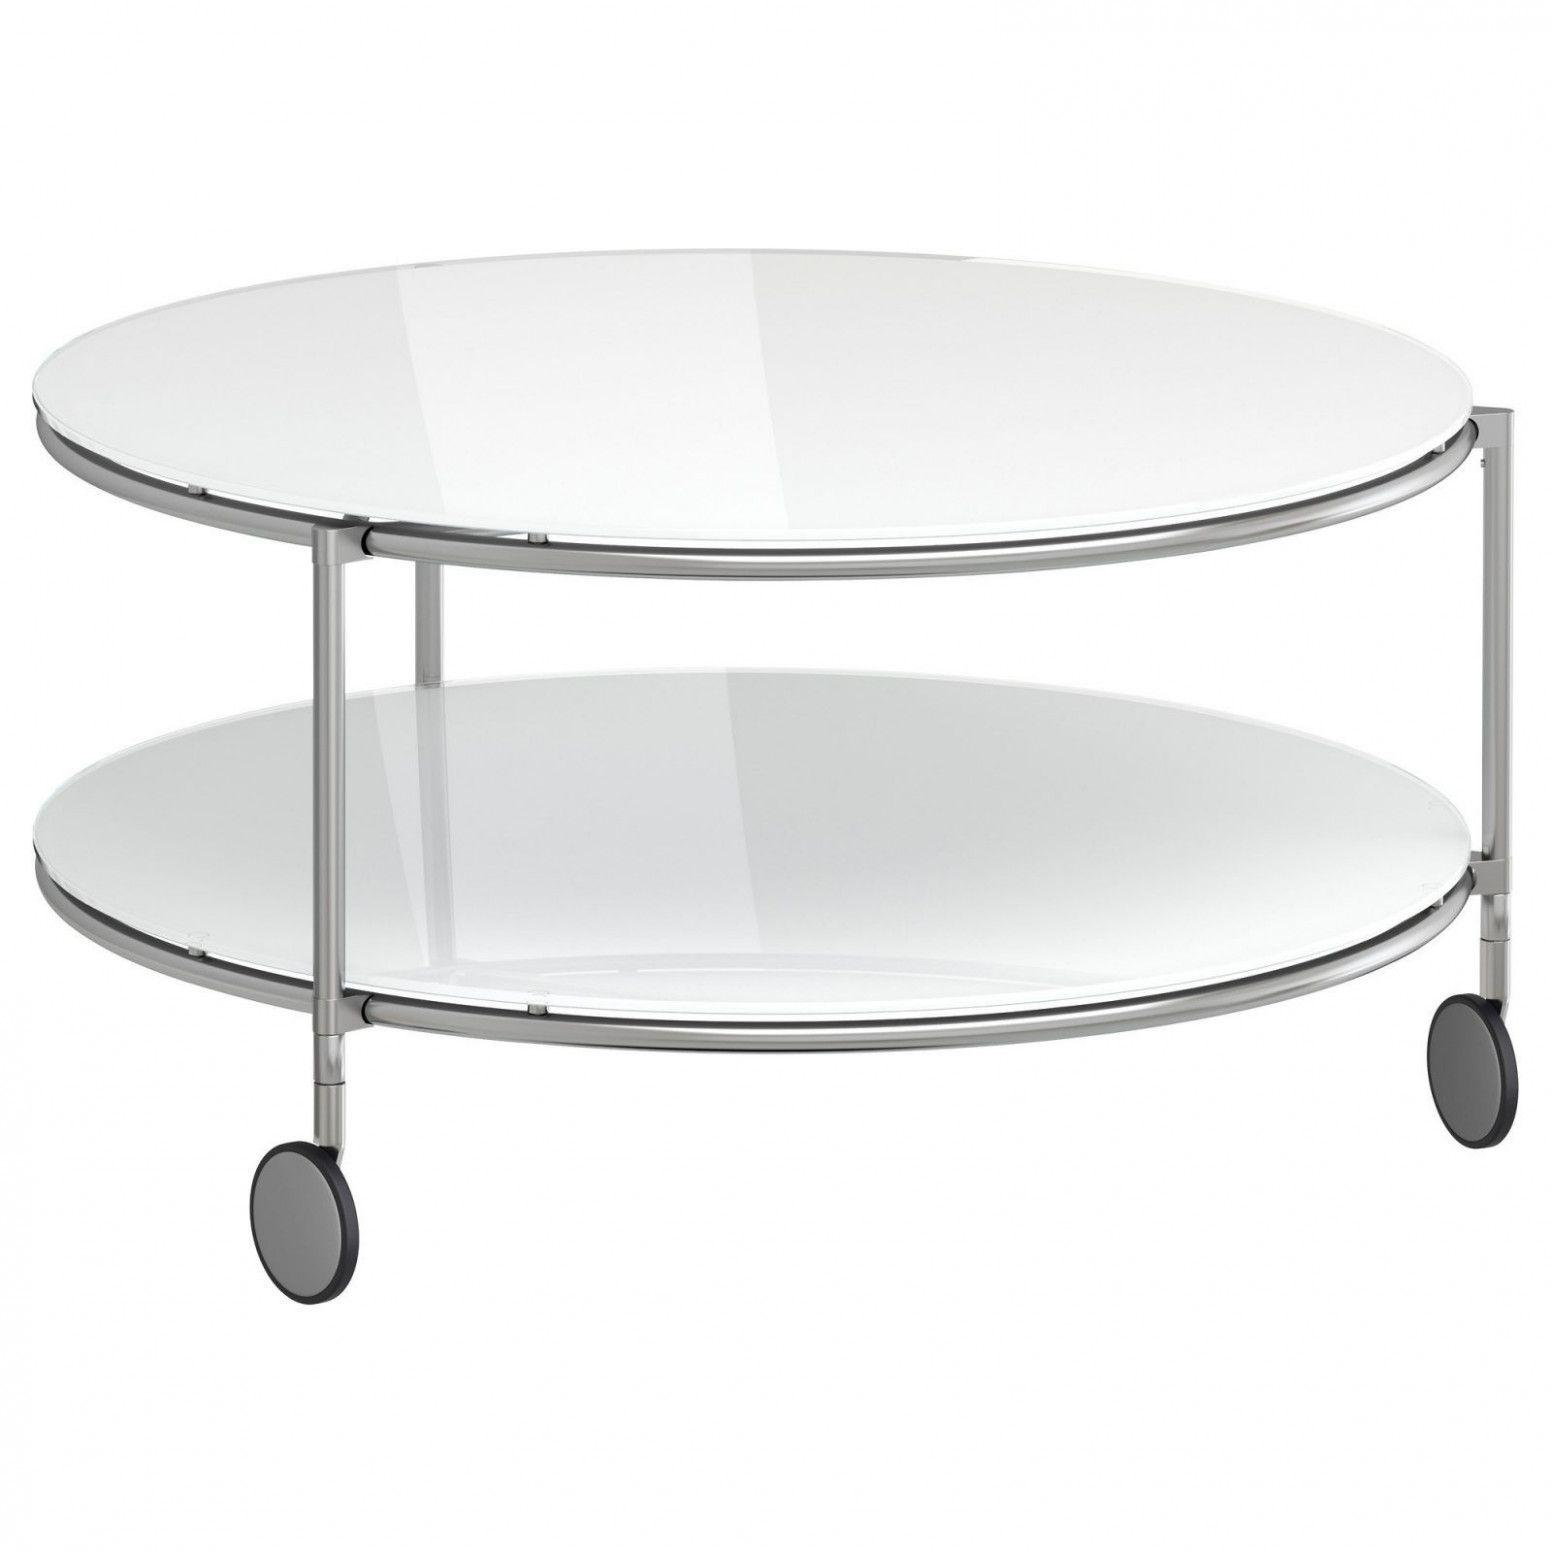 Ikea Glastisch Metall